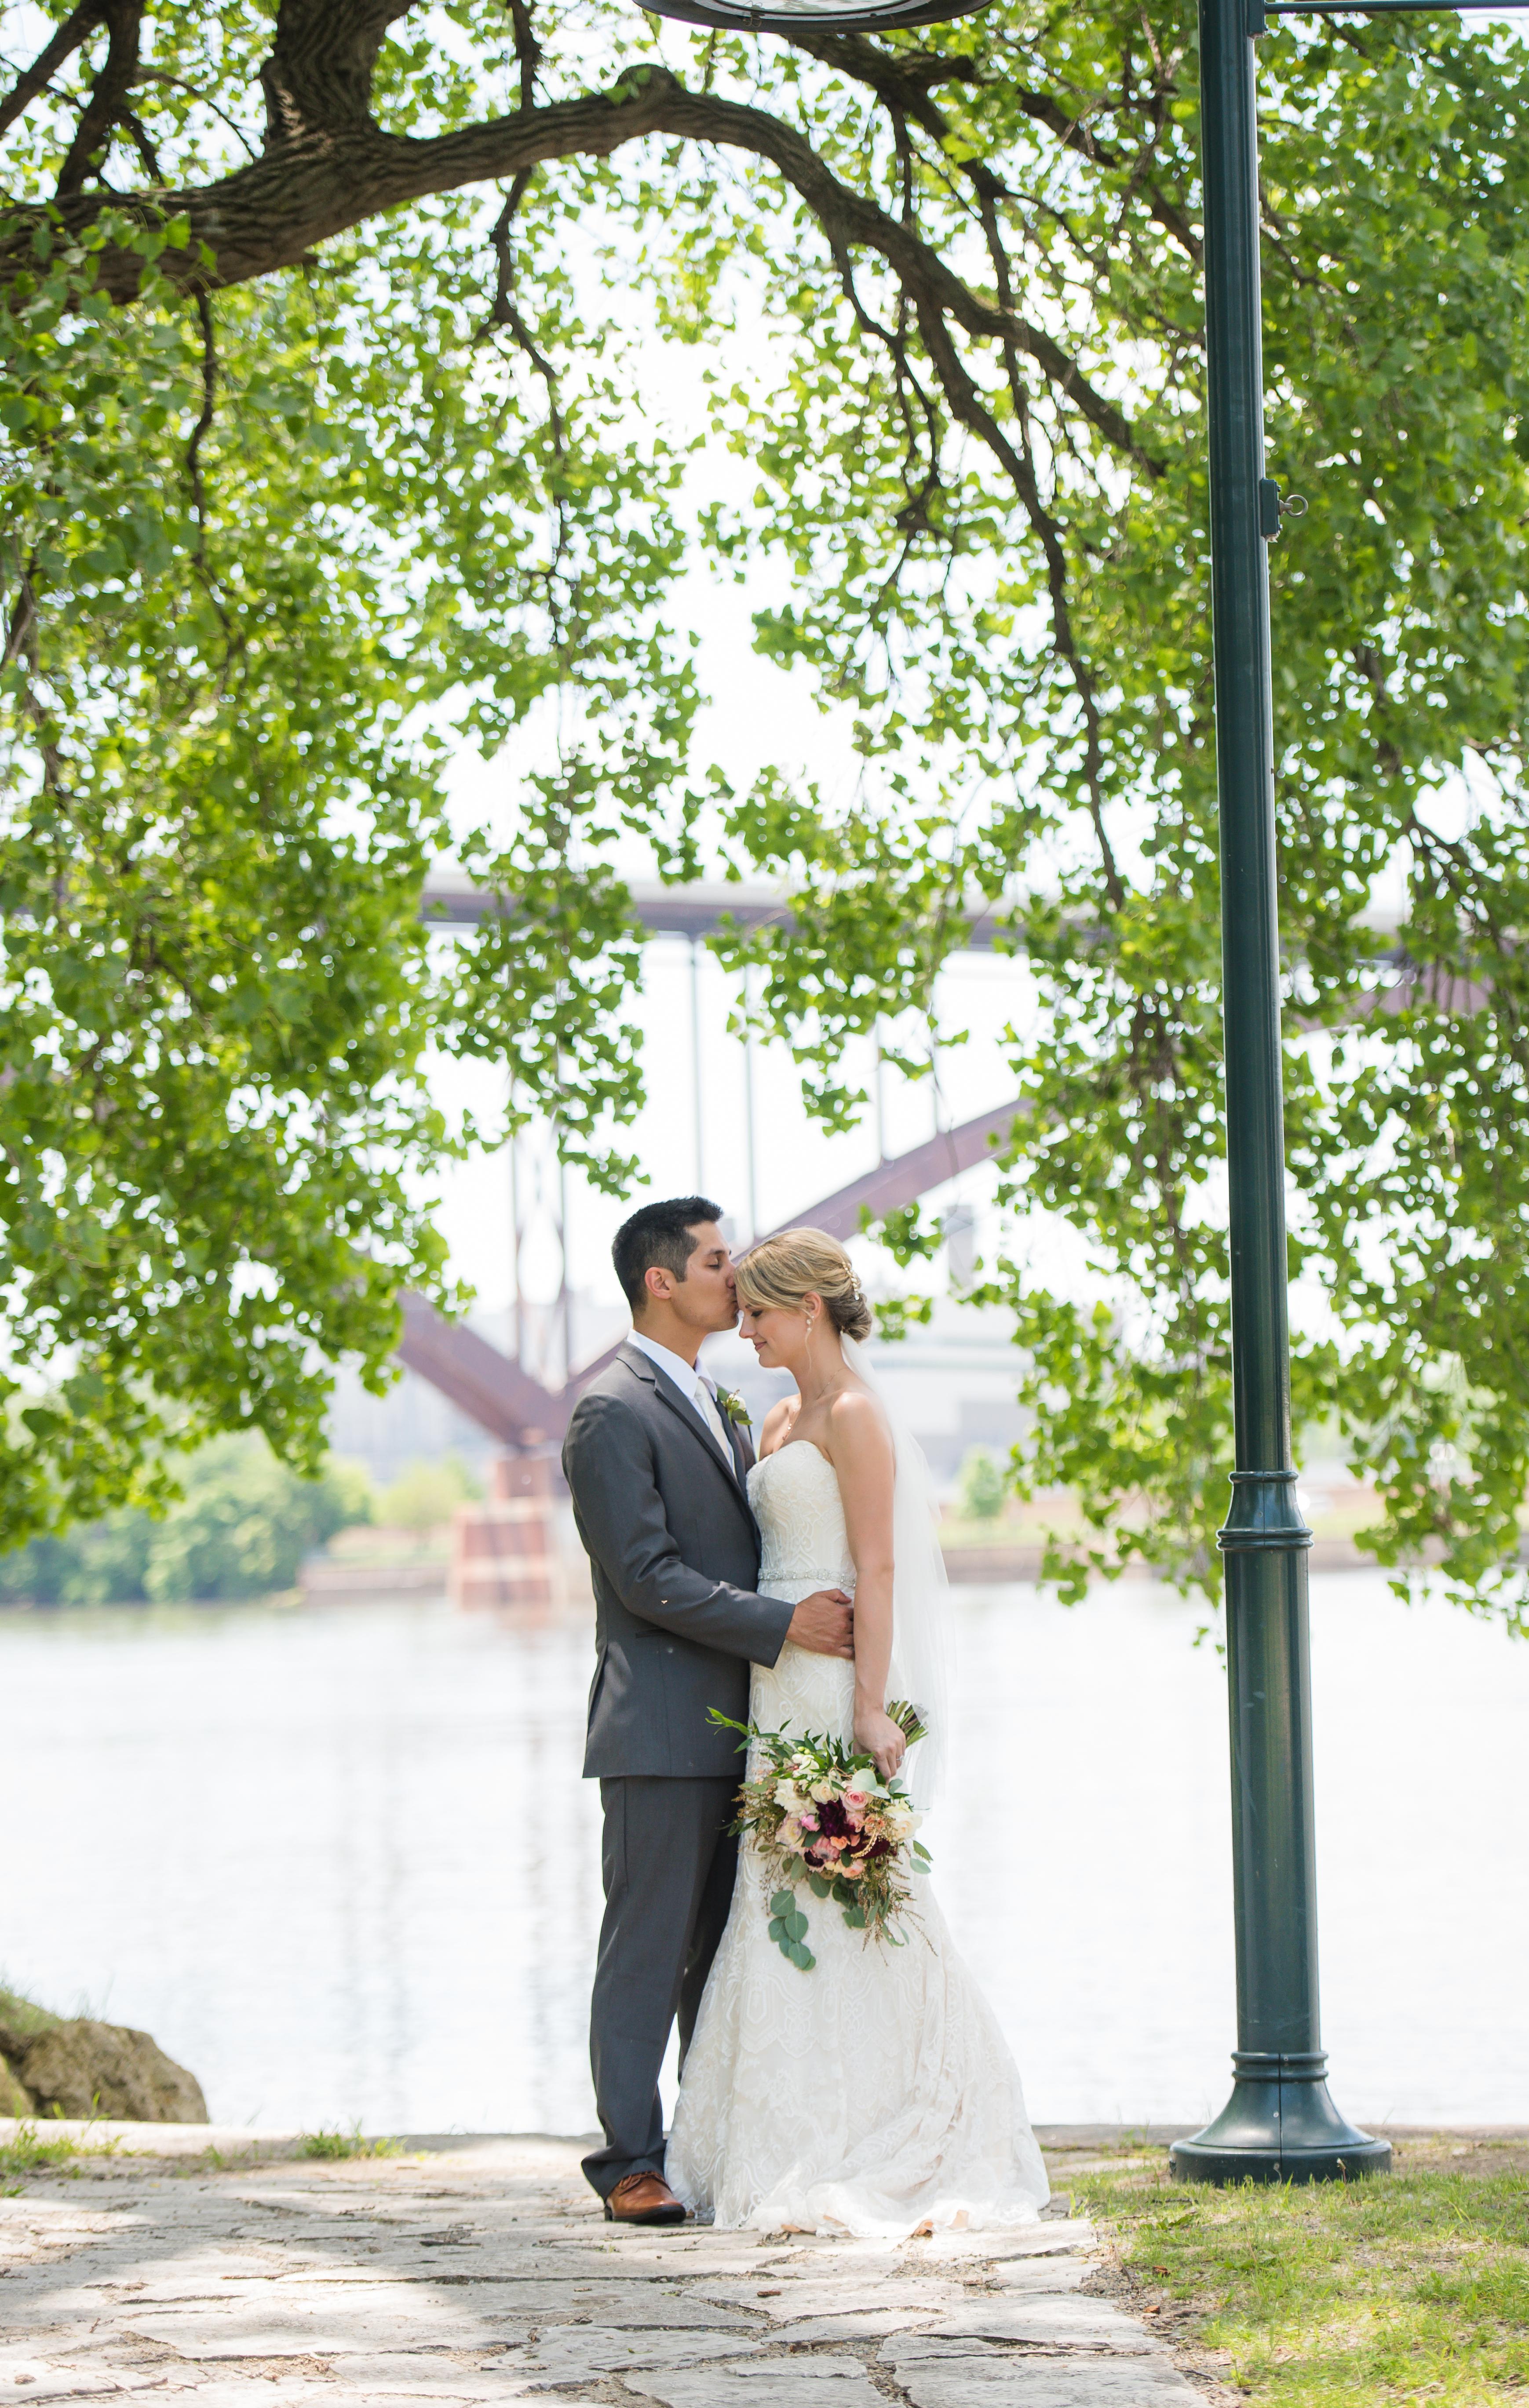 twincities wedding photography east oaks photography wedding photo (11)